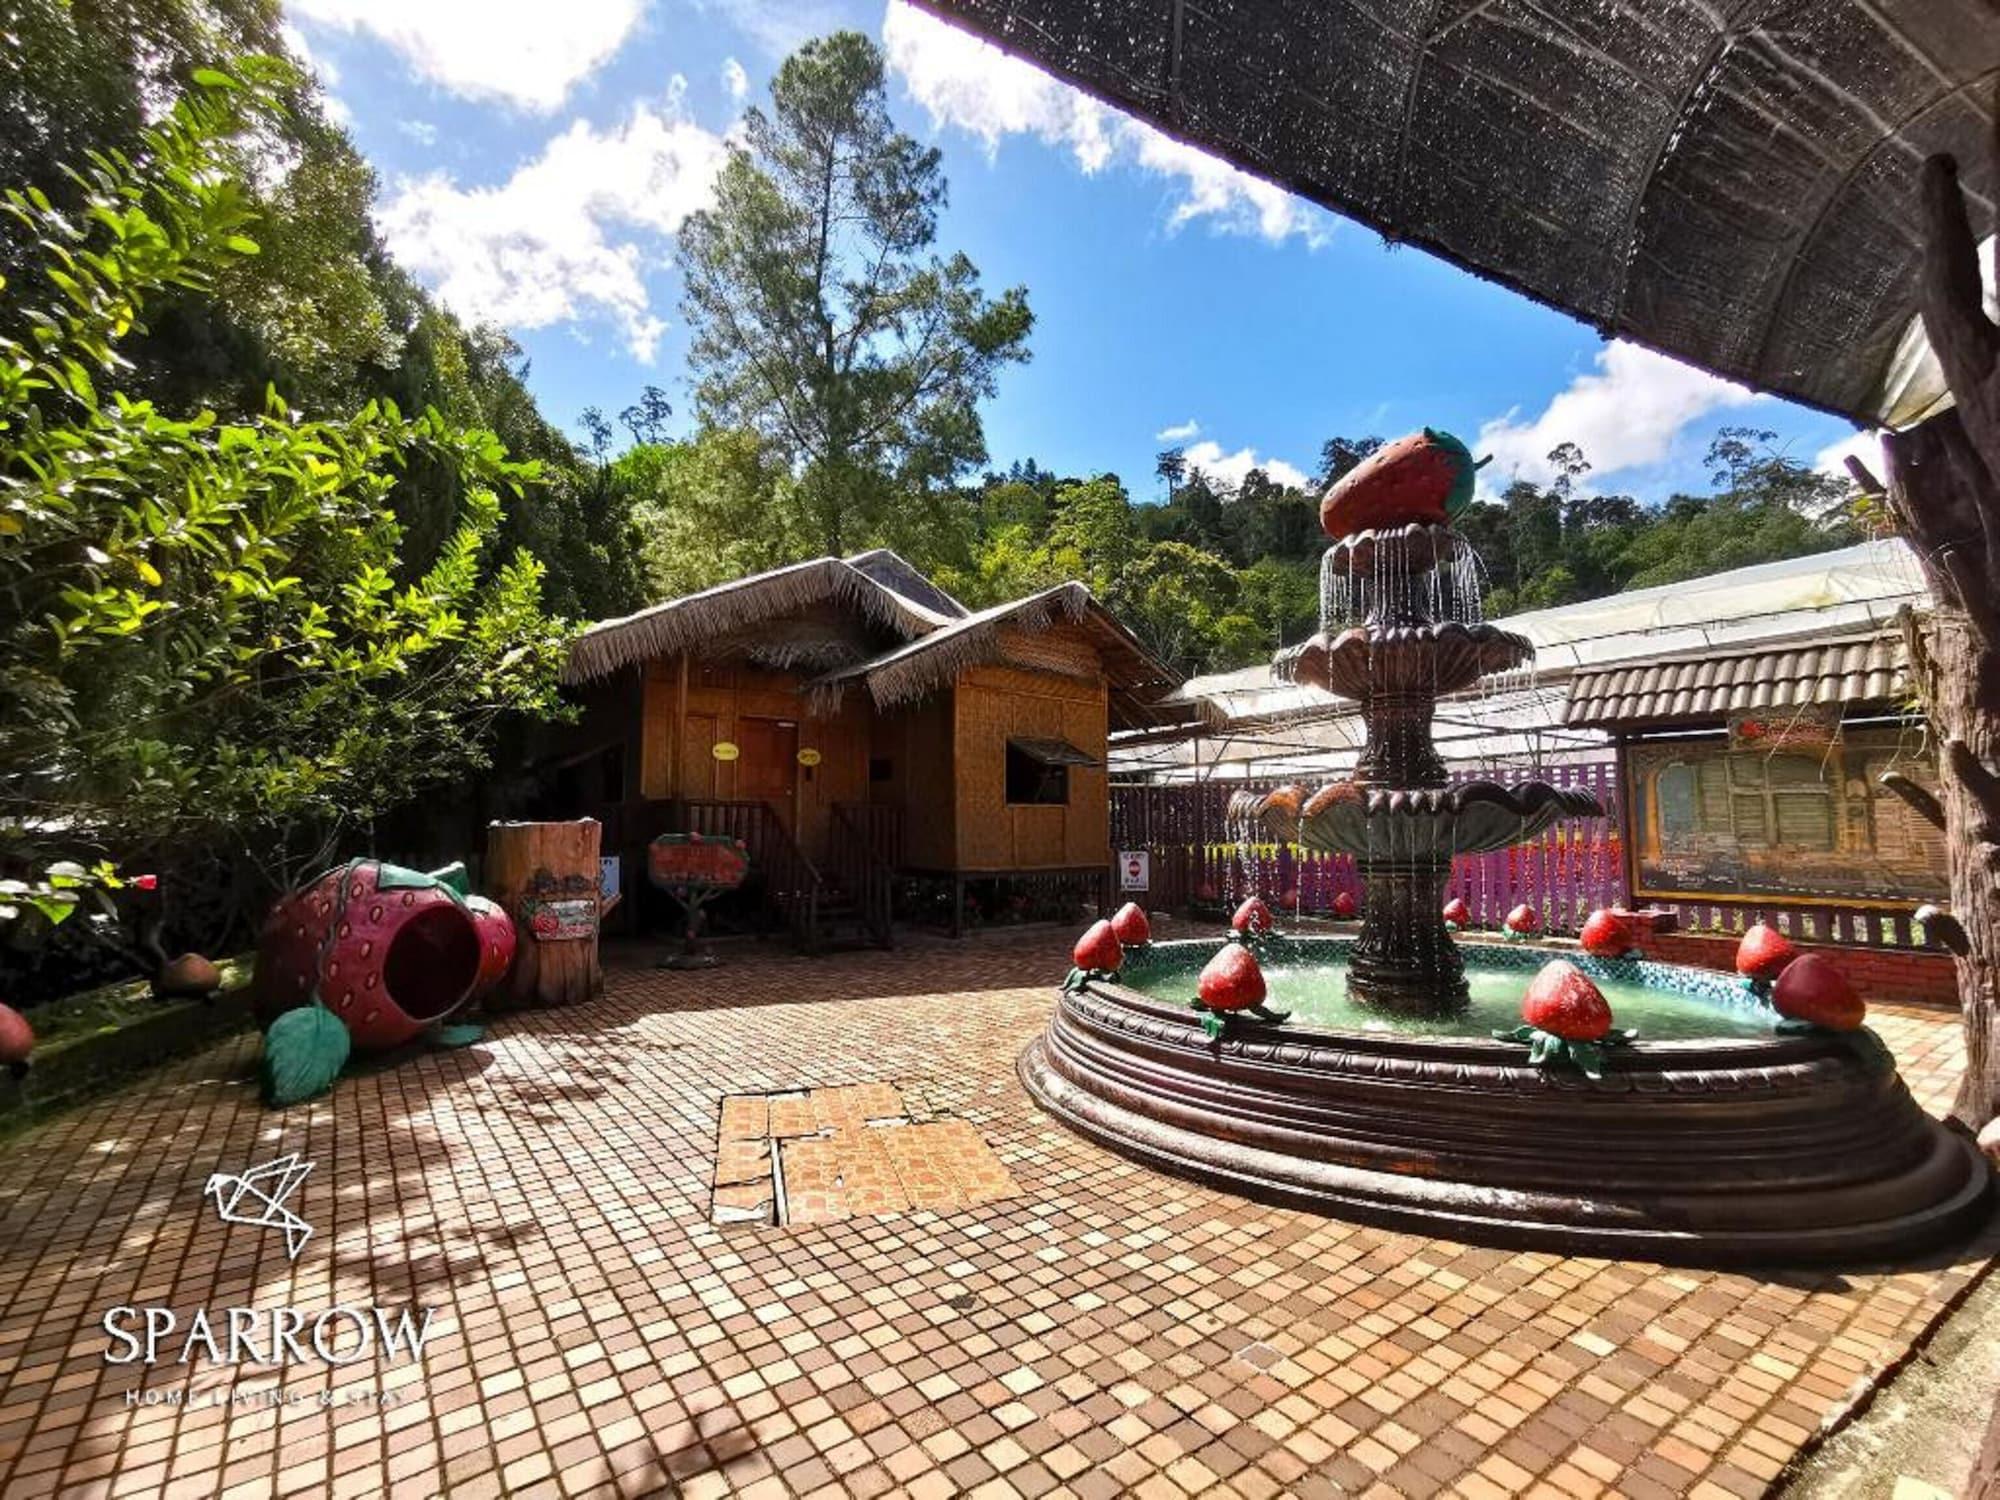 Sparrow Strawberry Farm Homes, Bentong